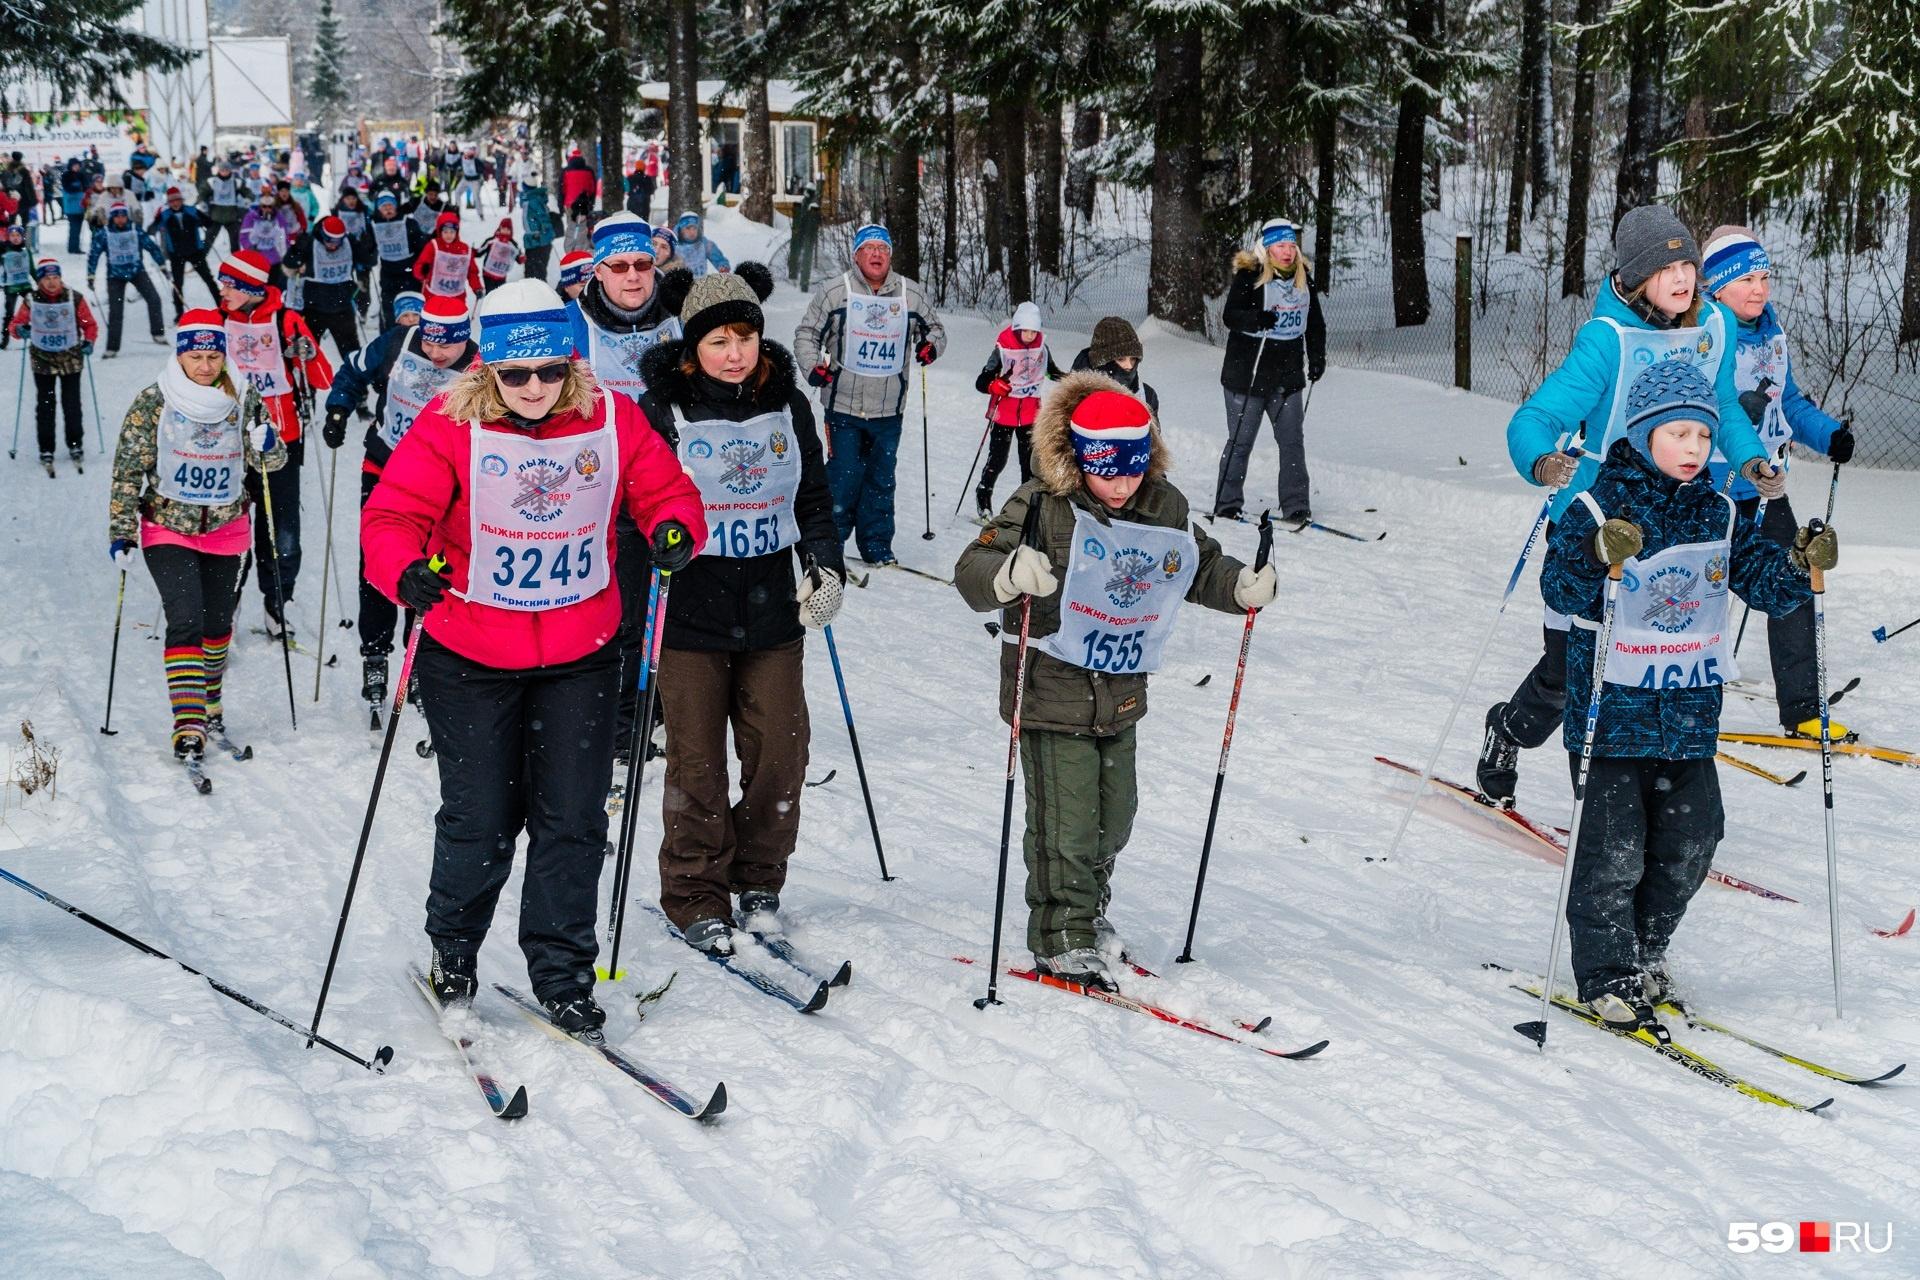 Лыжников было очень много, и все они разные